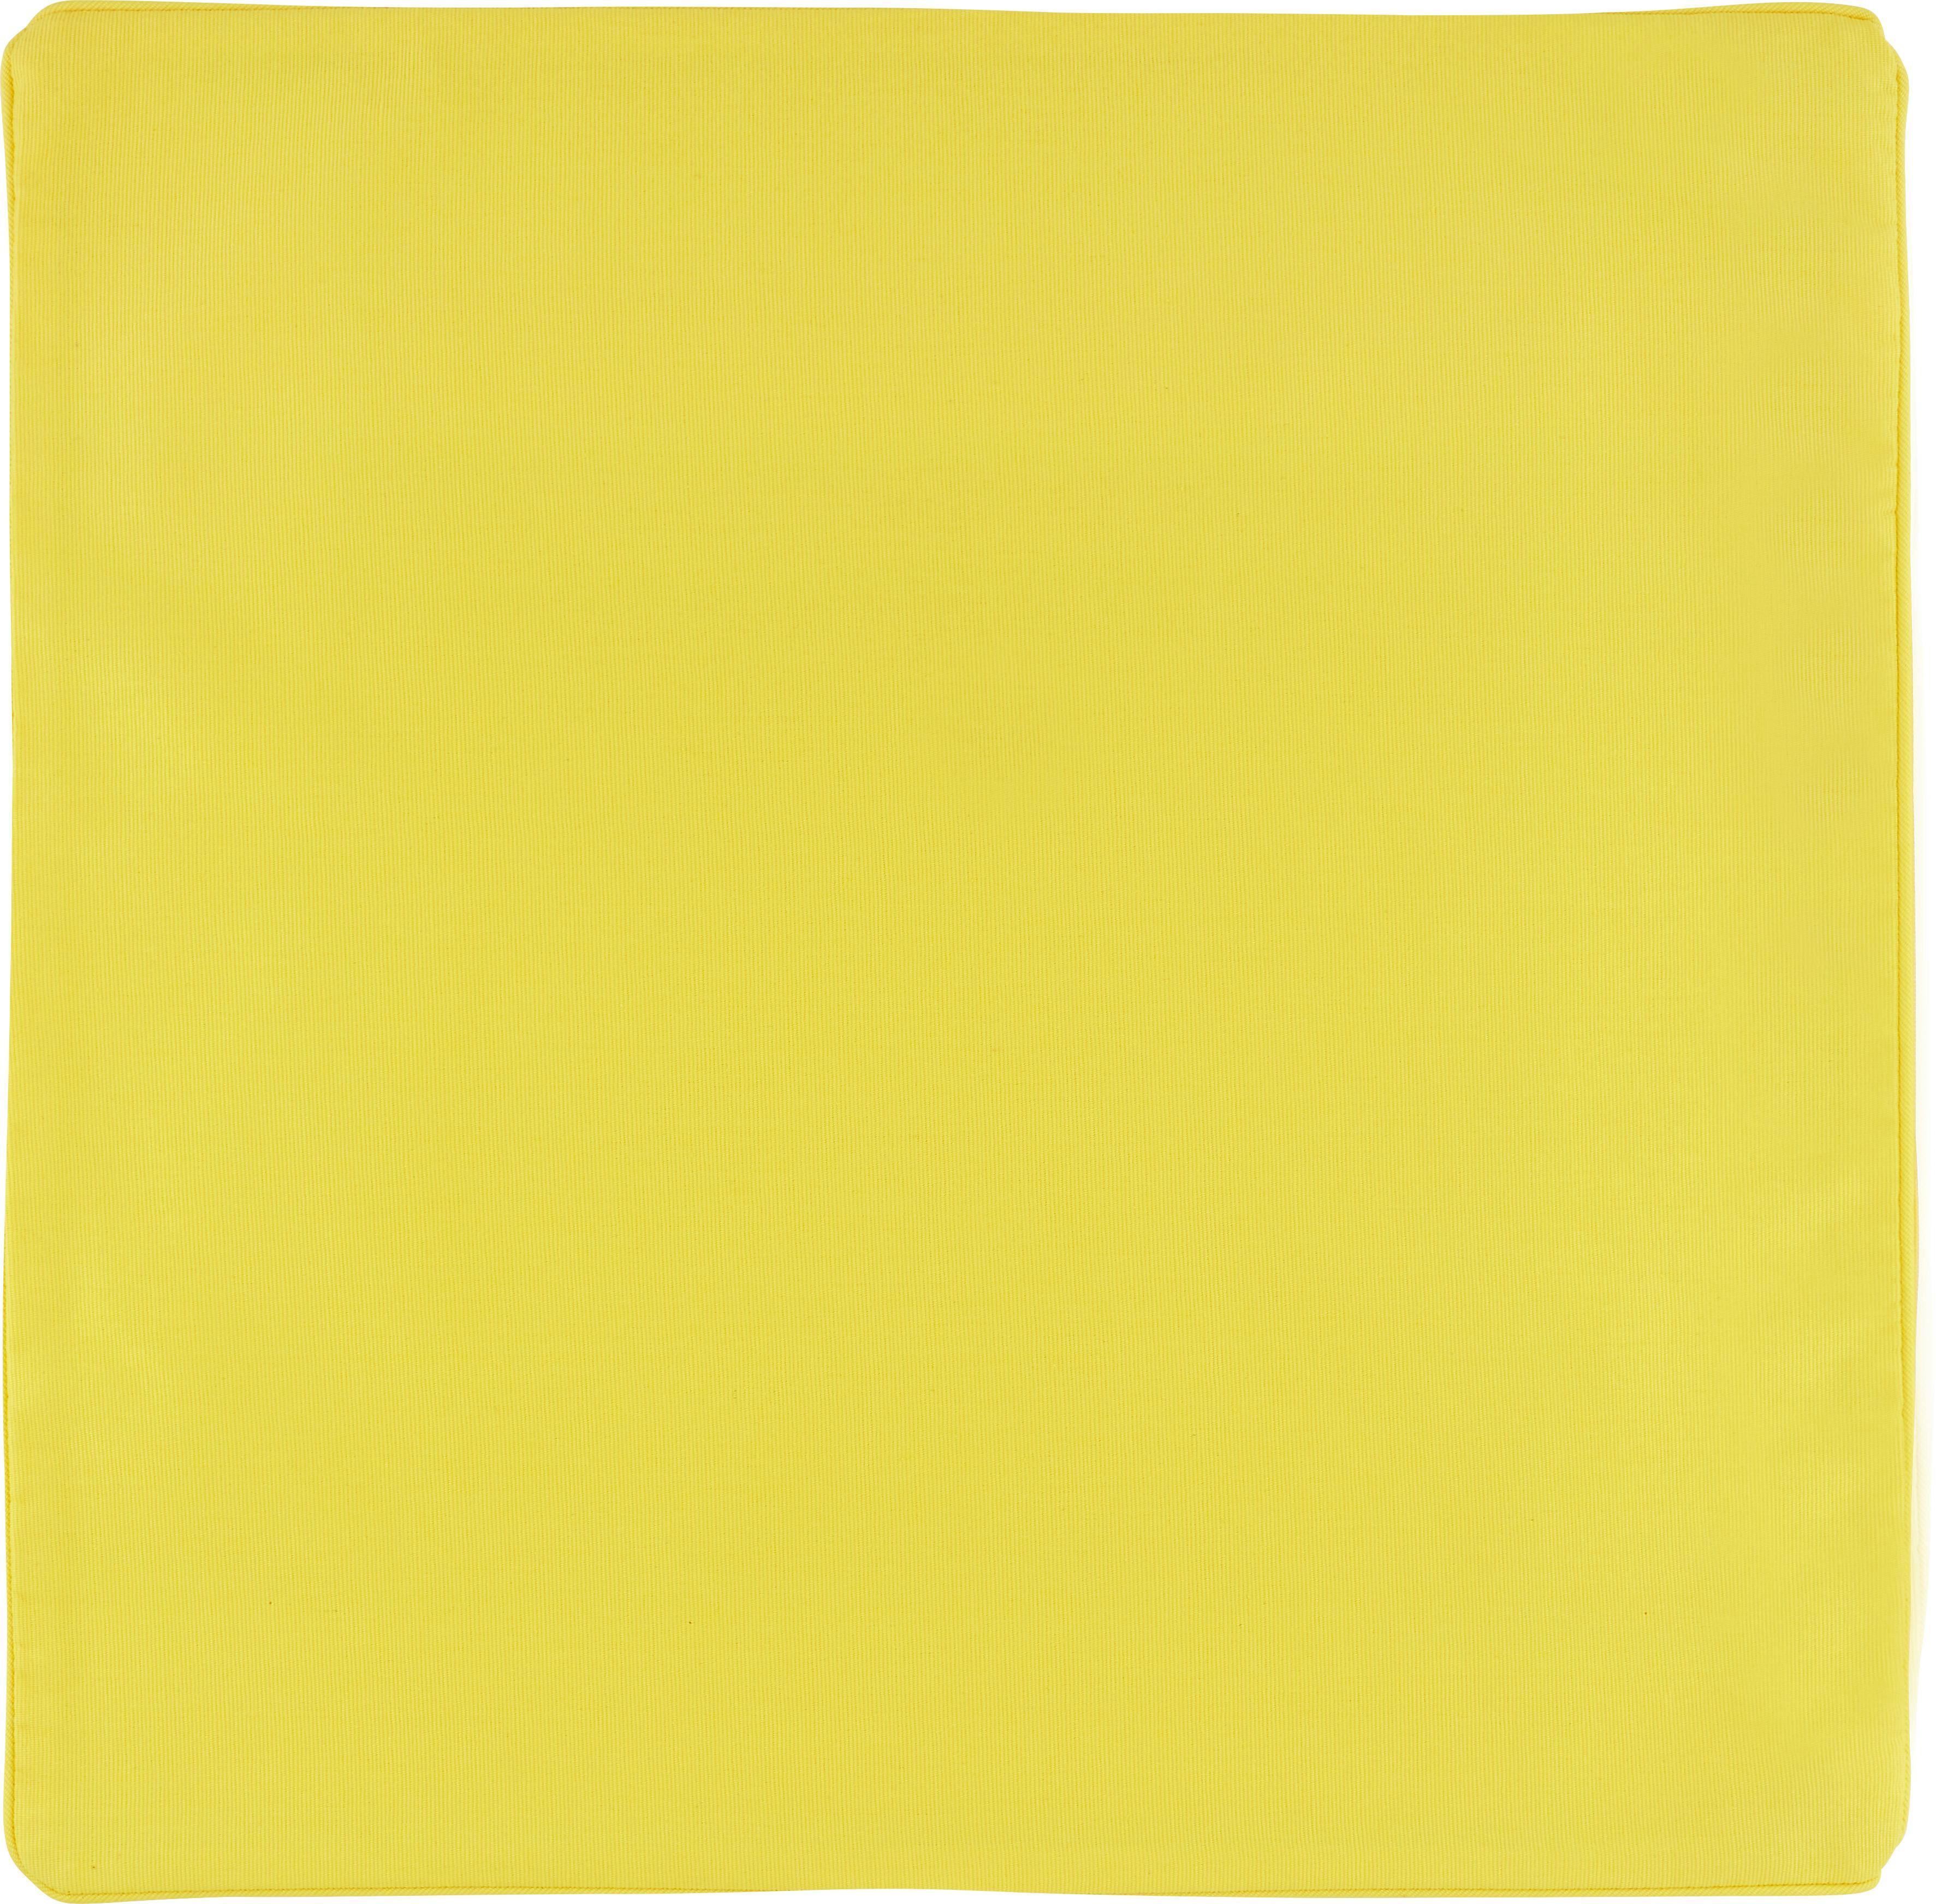 Povlak Na Polštář Steffi Paspel - žlutá, textil (50/50cm) - MÖMAX modern living